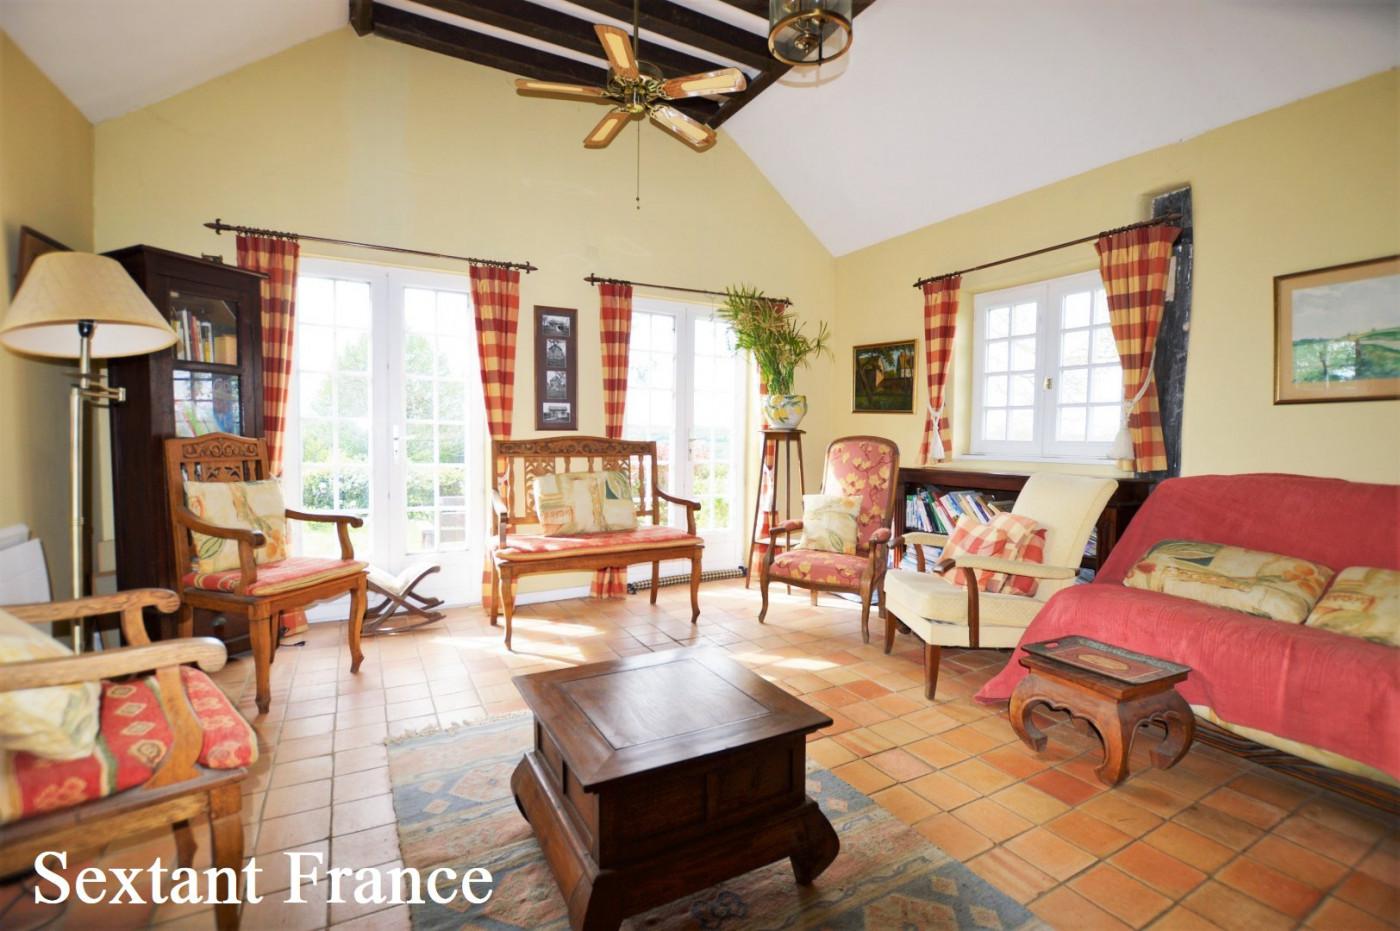 A vendre Vimoutiers 7501175854 Sextant france